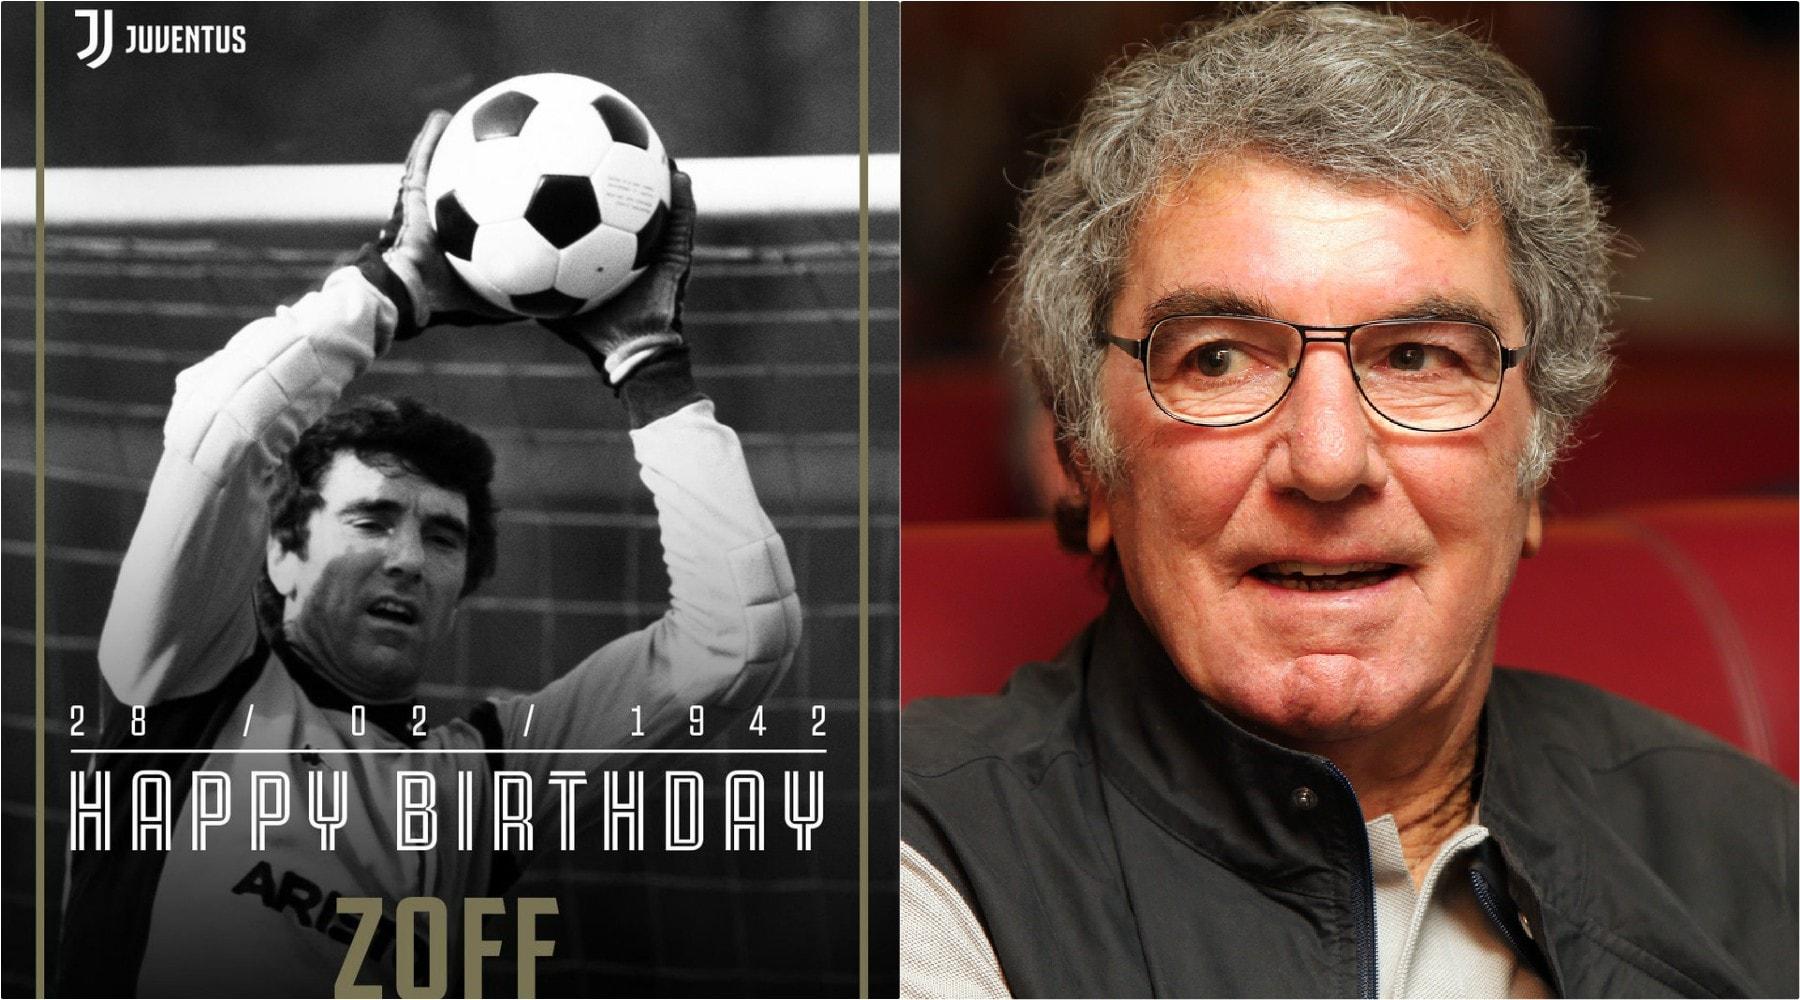 La leggenda Dino Zoff spegne 77 candeline: gli auguri del mondo del calcio